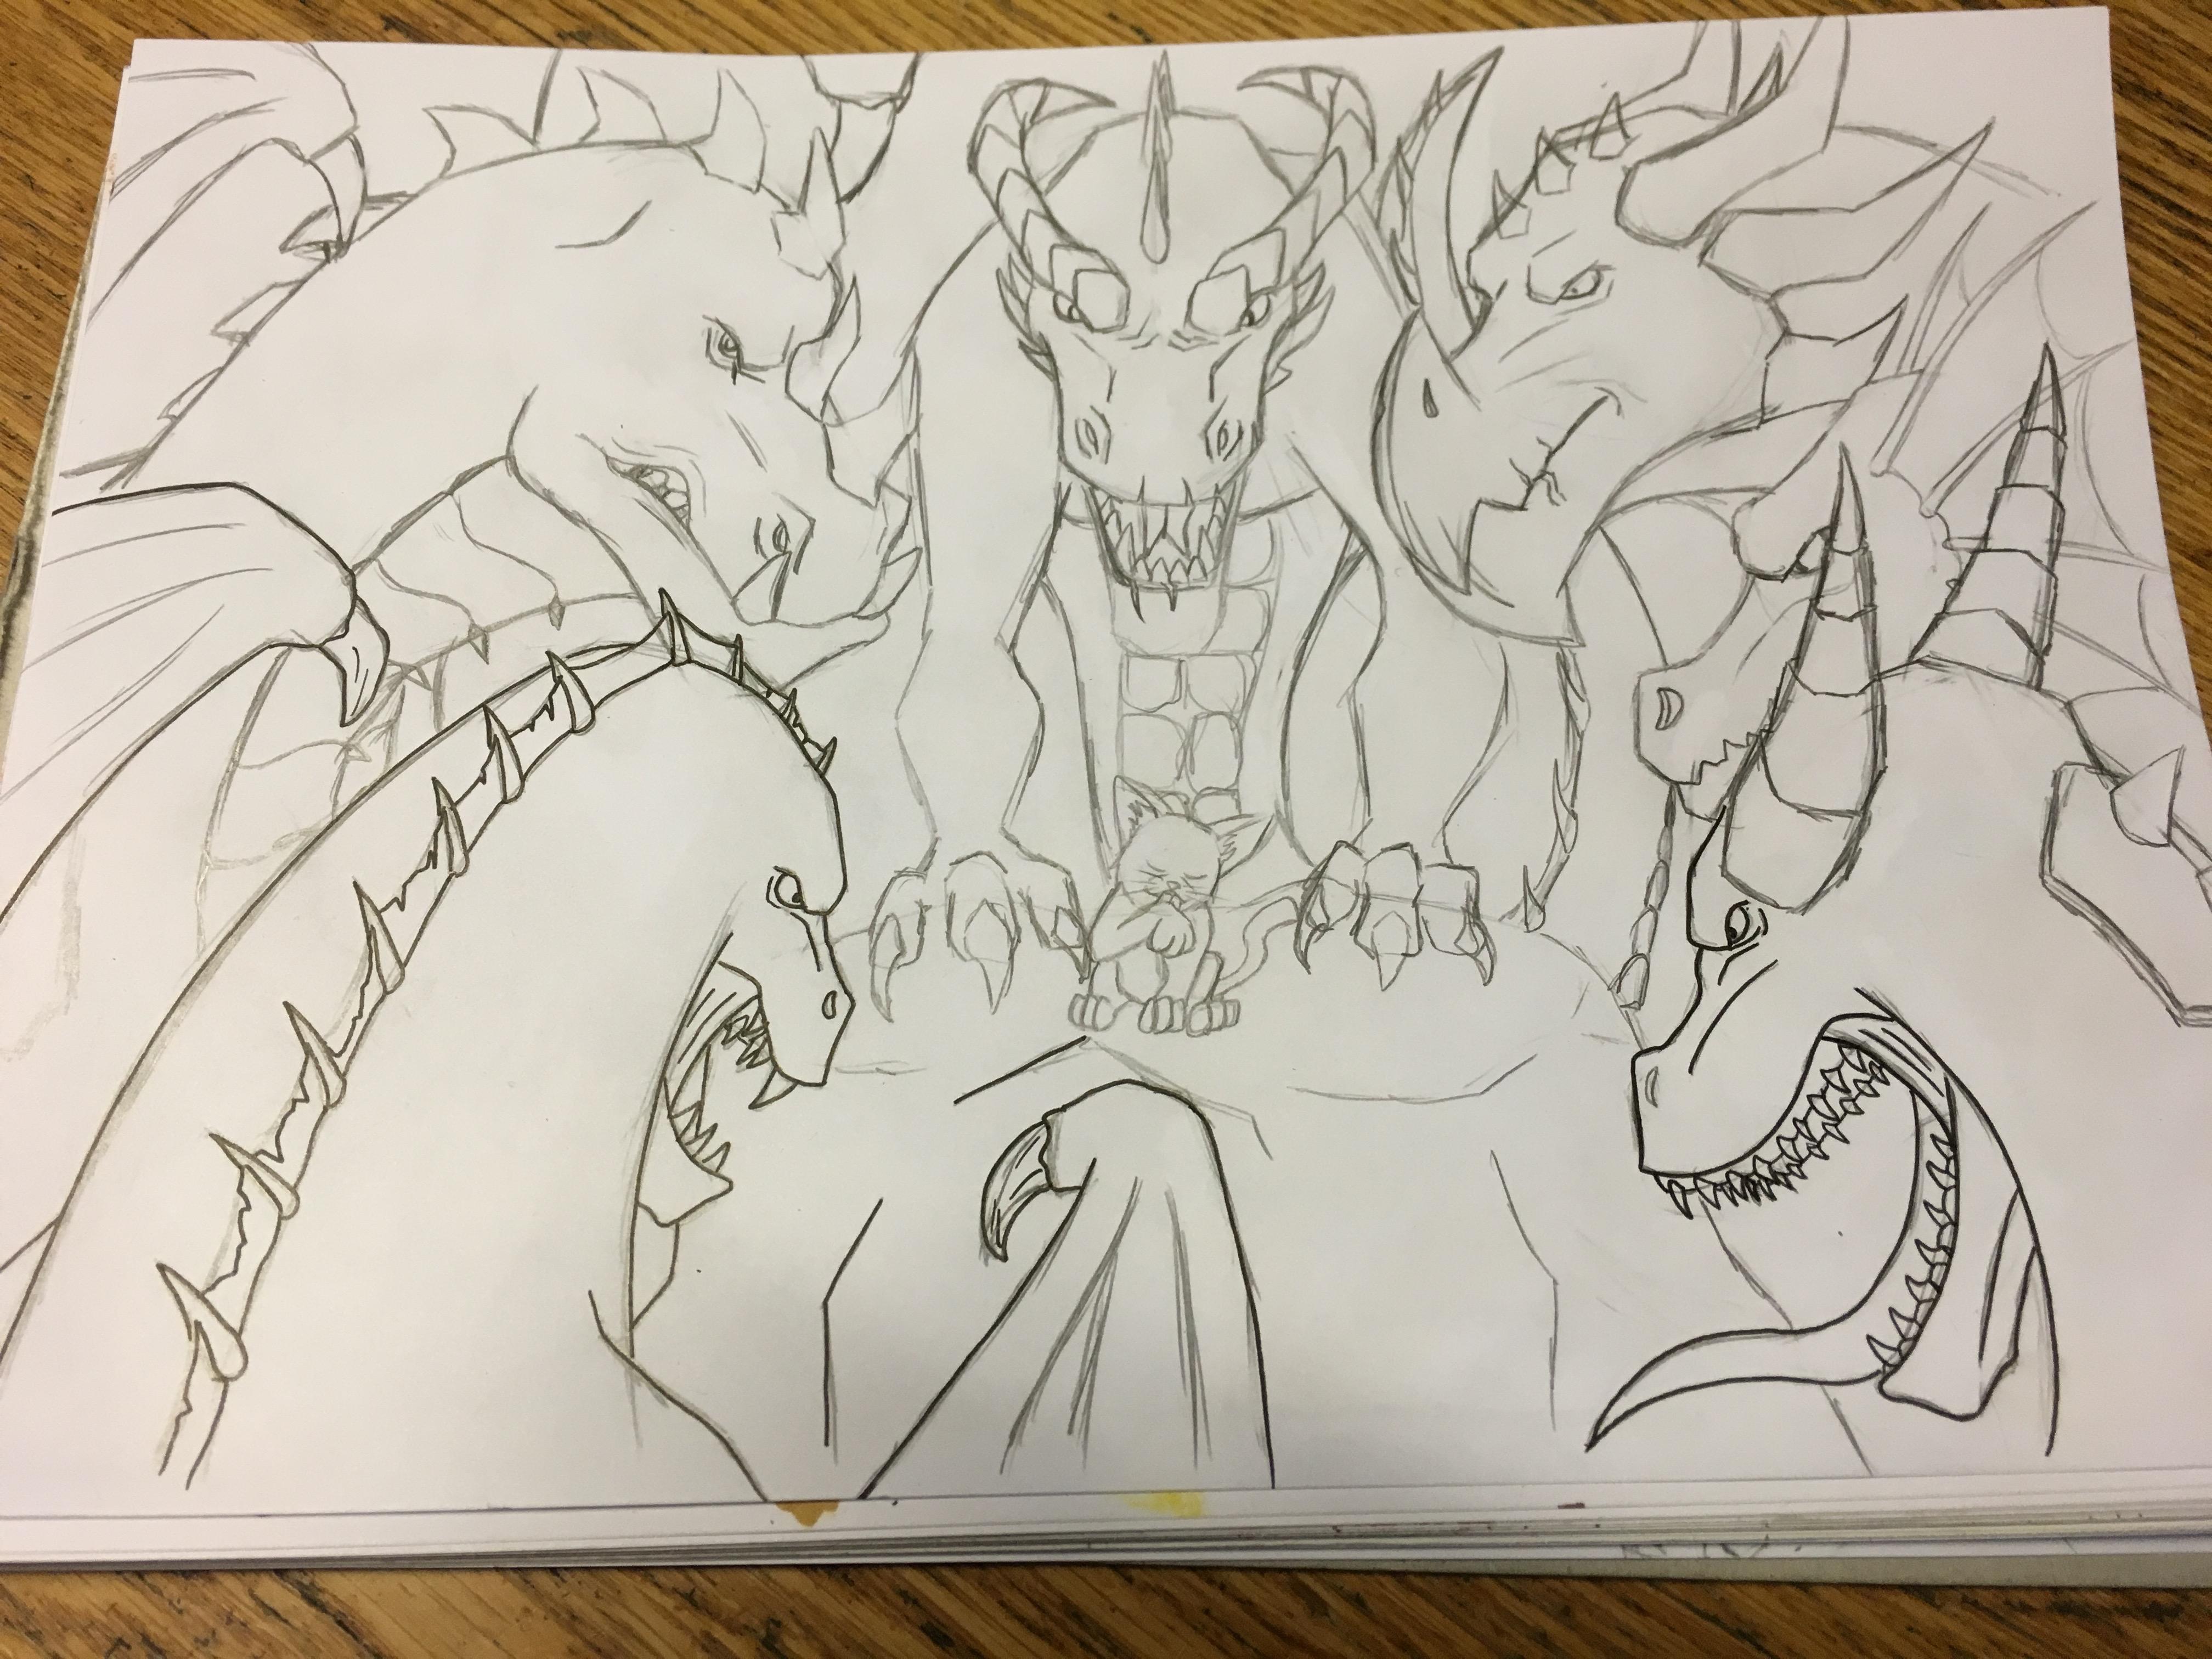 Round 2, Fight - sketch